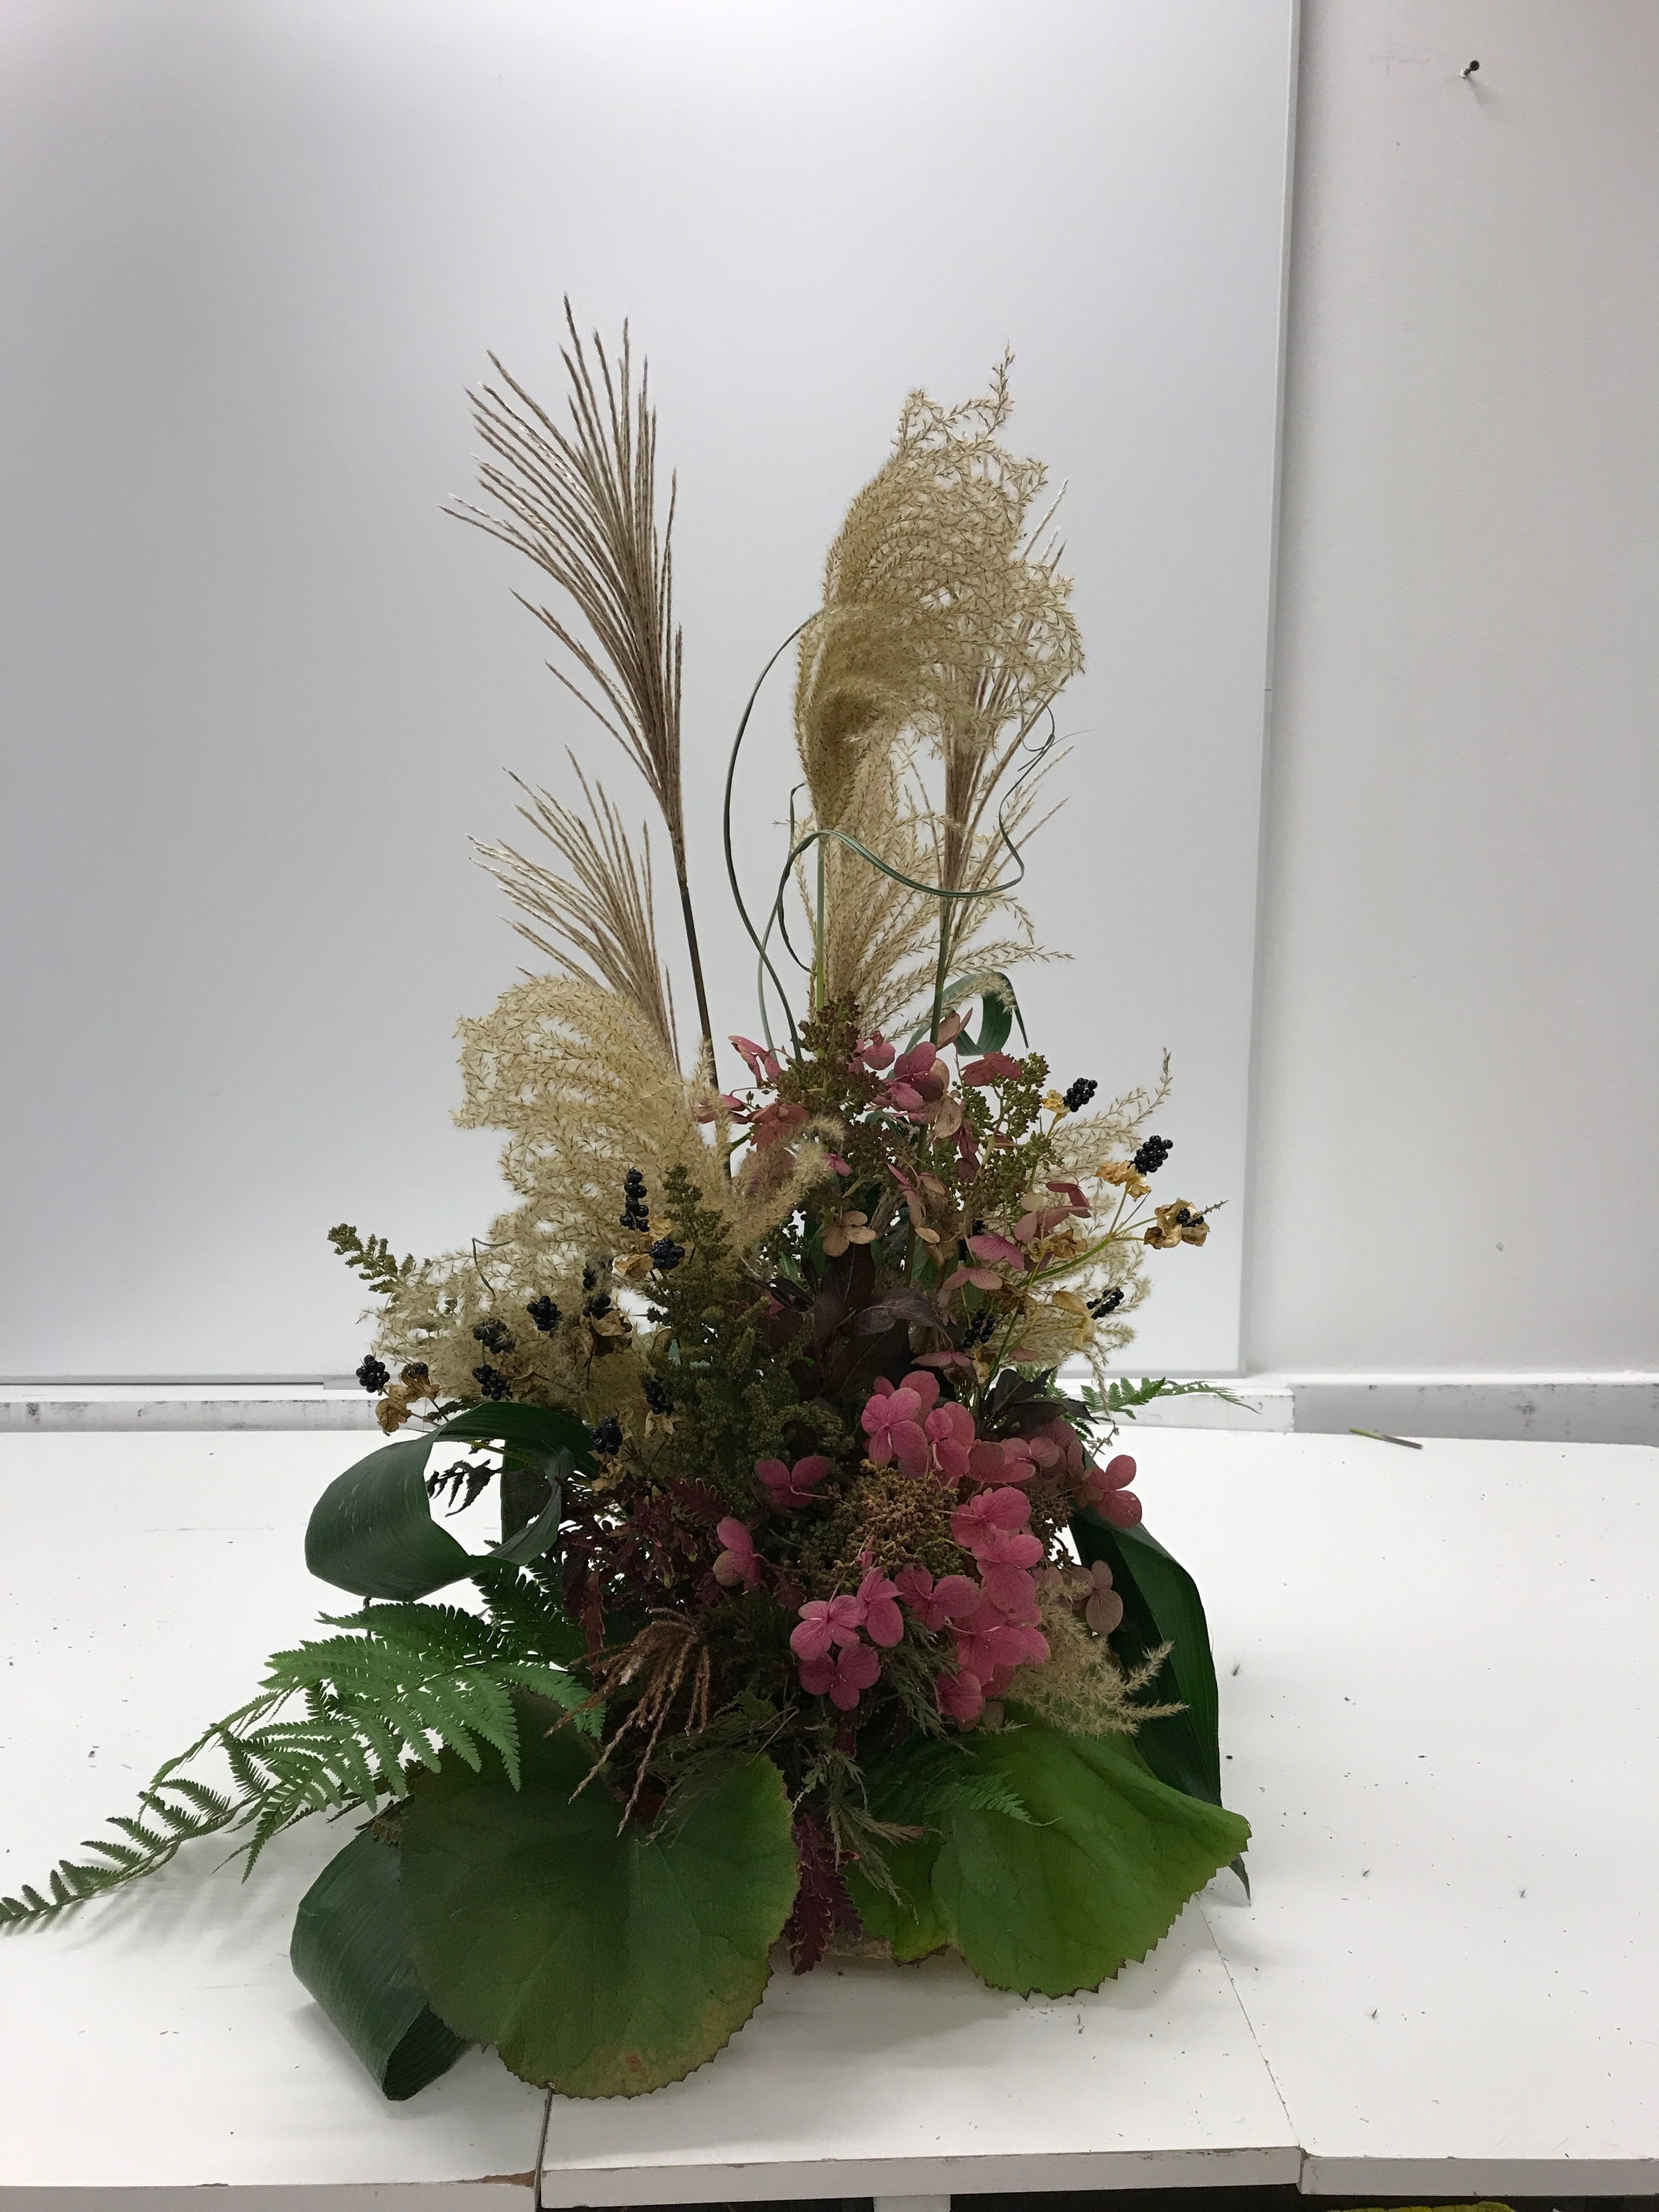 Floral workshop, 10-18-17over,  MA, October 18, 2017 - 1 of 16 (8).jpg